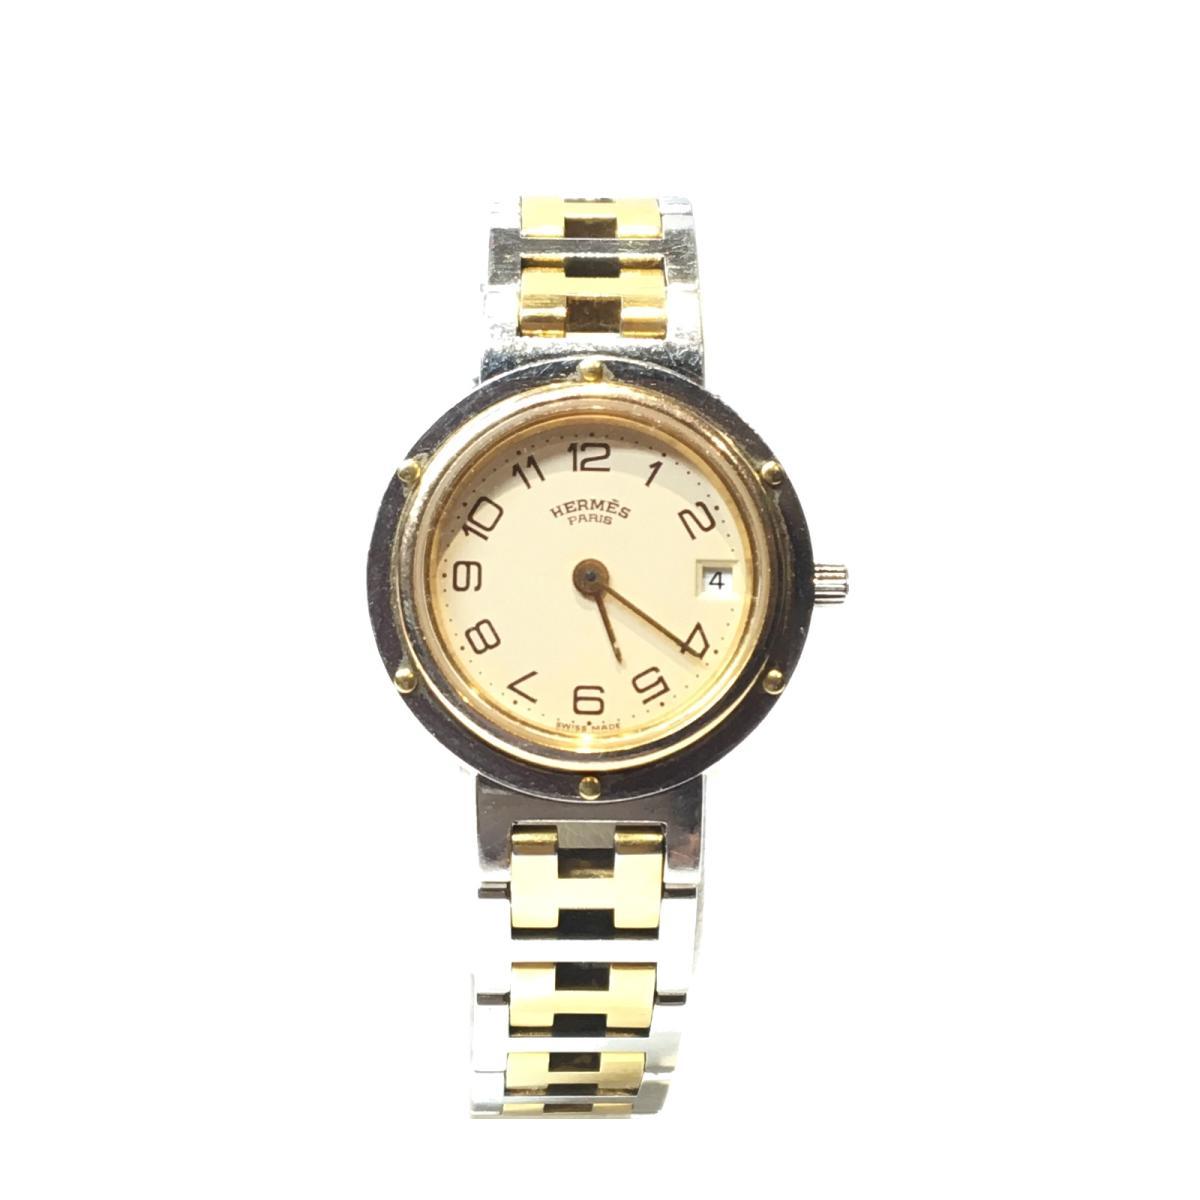 ≪期間限定≫メルマガ登録でクーポンGET! 【中古】 エルメス クリッパー 腕時計 ウォッチ レディース ステンレススチール (SS) メッキ シルバー ゴールド (CL2.440) | HERMES BRANDOFF ブランドオフ ブランド ブランド時計 ブランド腕時計 時計